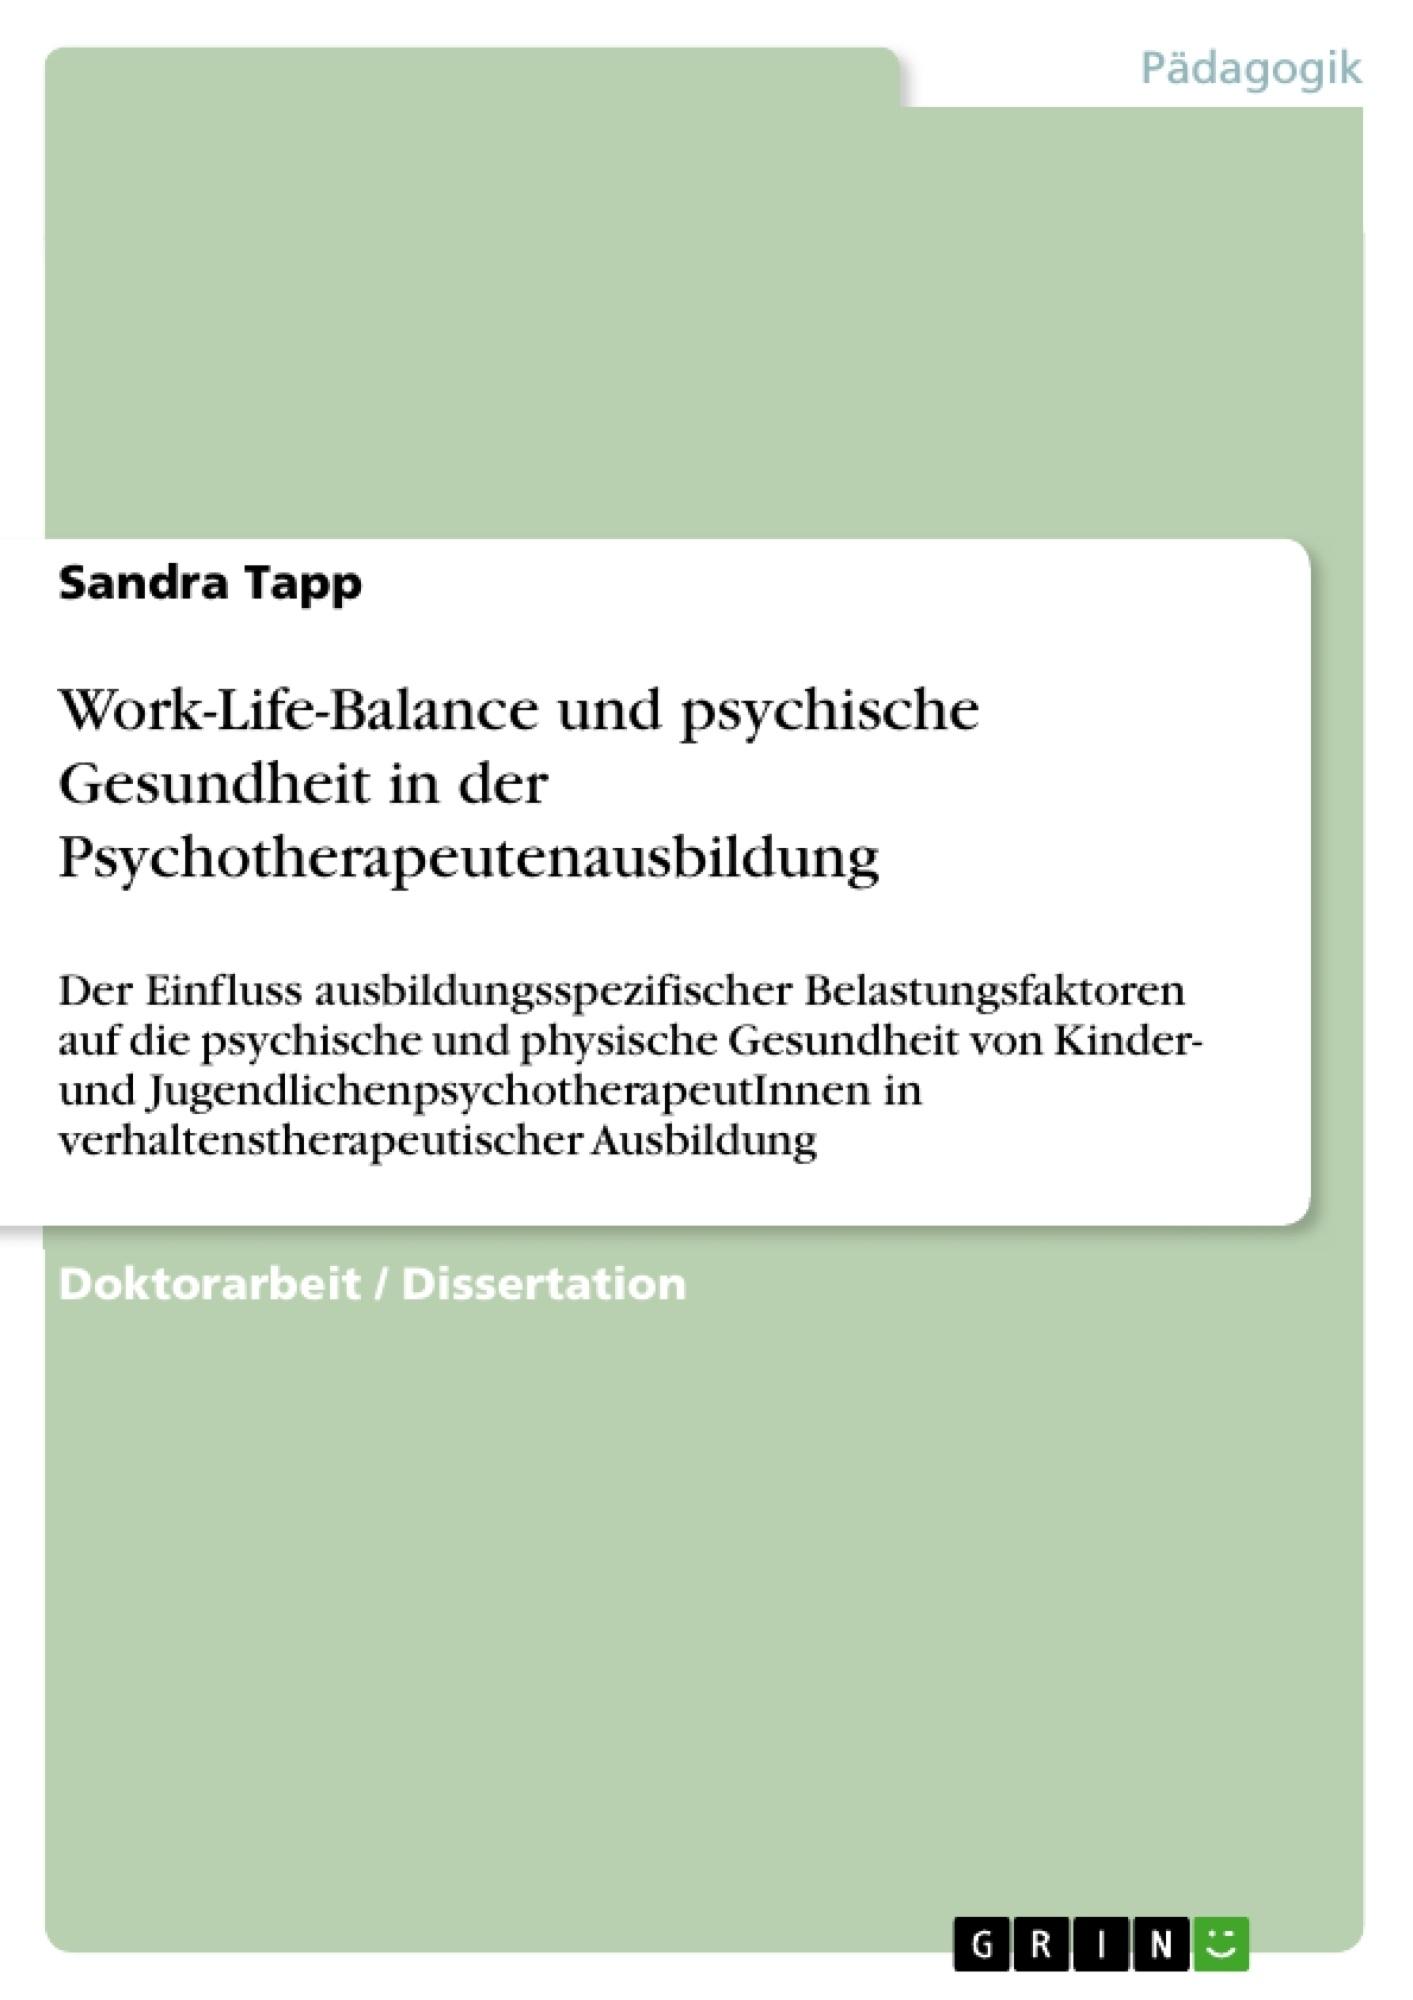 Work-Life-Balance und psychische Gesundheit in der ...